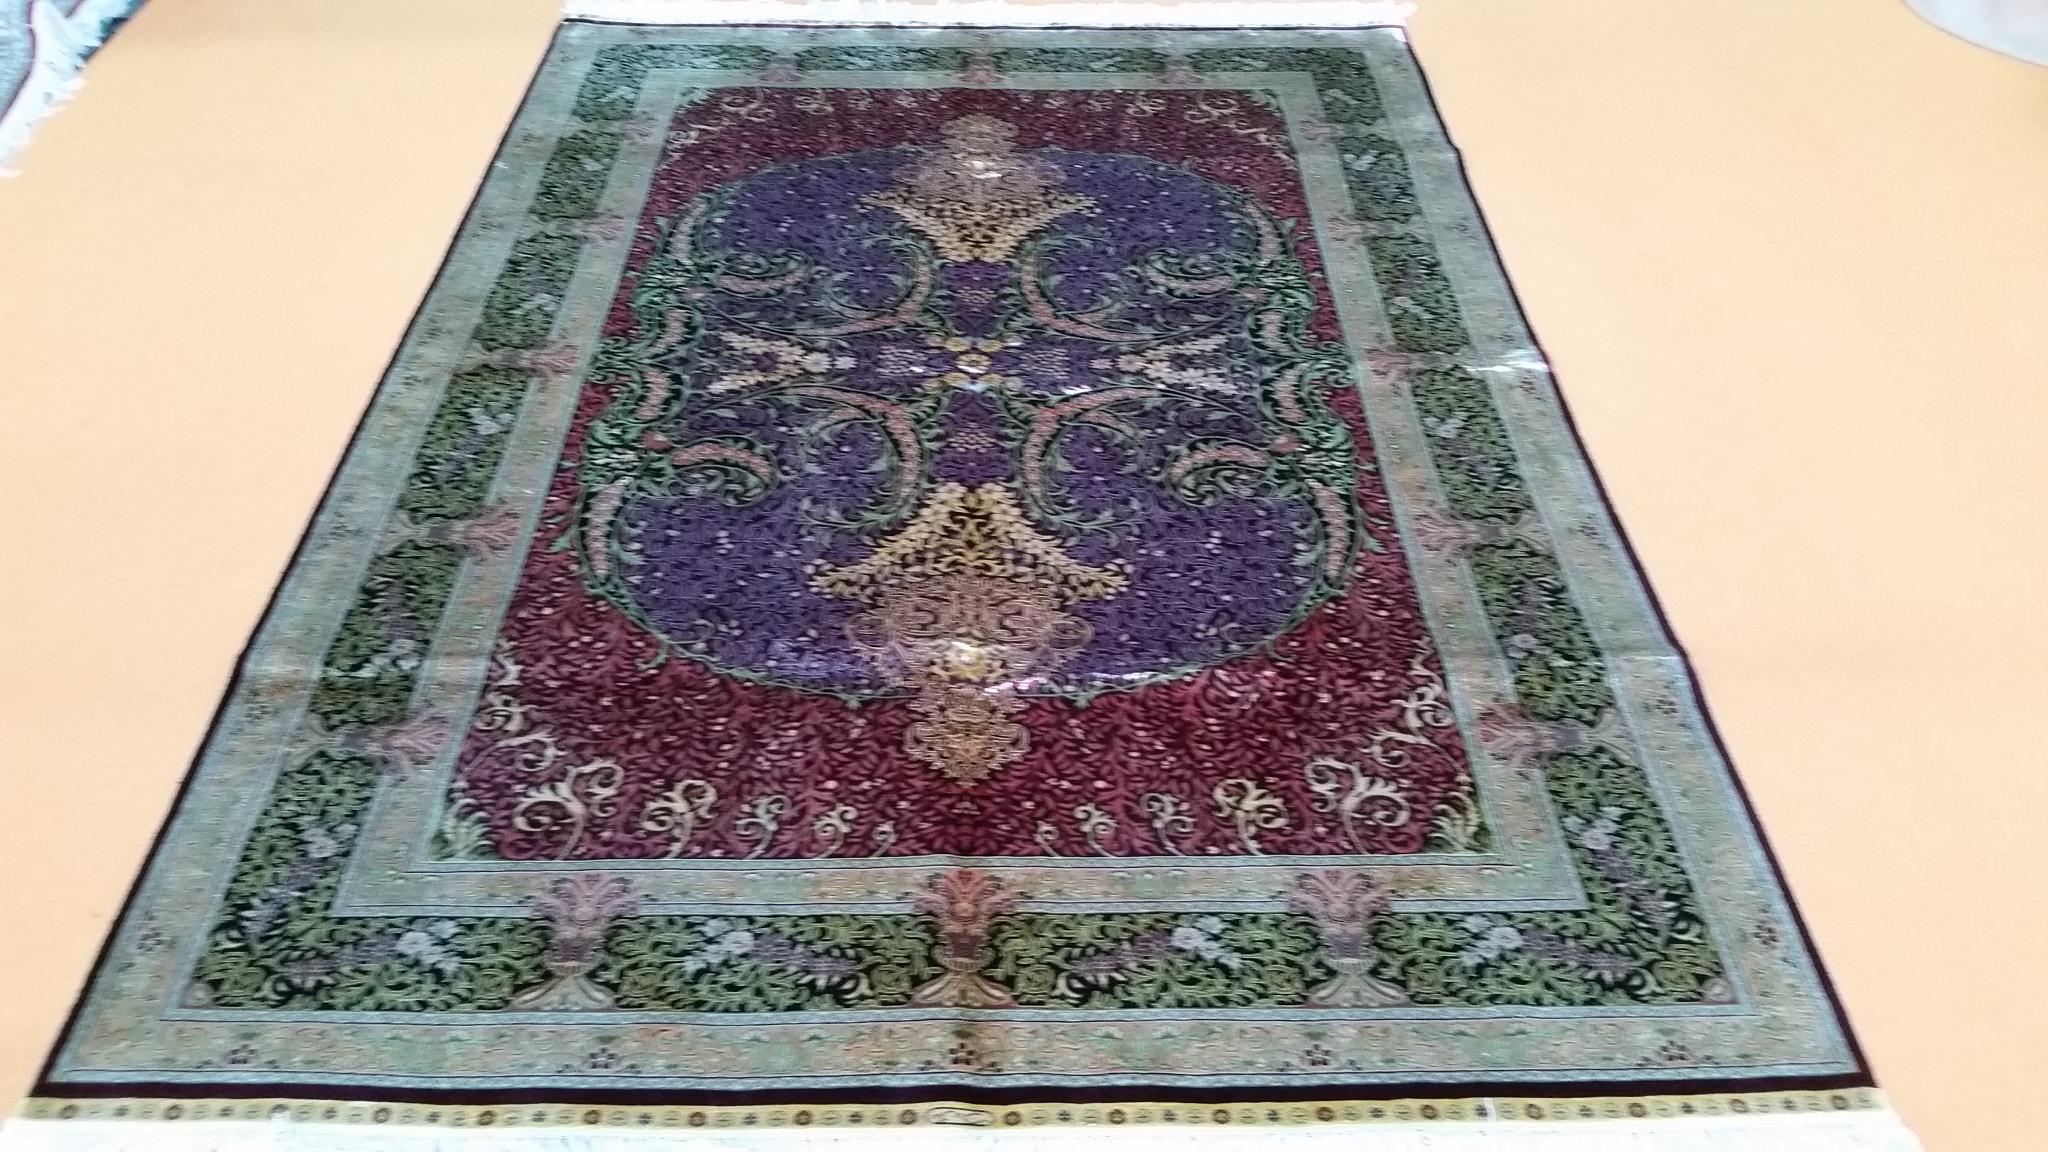 經典波斯設計工廠批發手工絲綢5x8 ft 挂毯 2